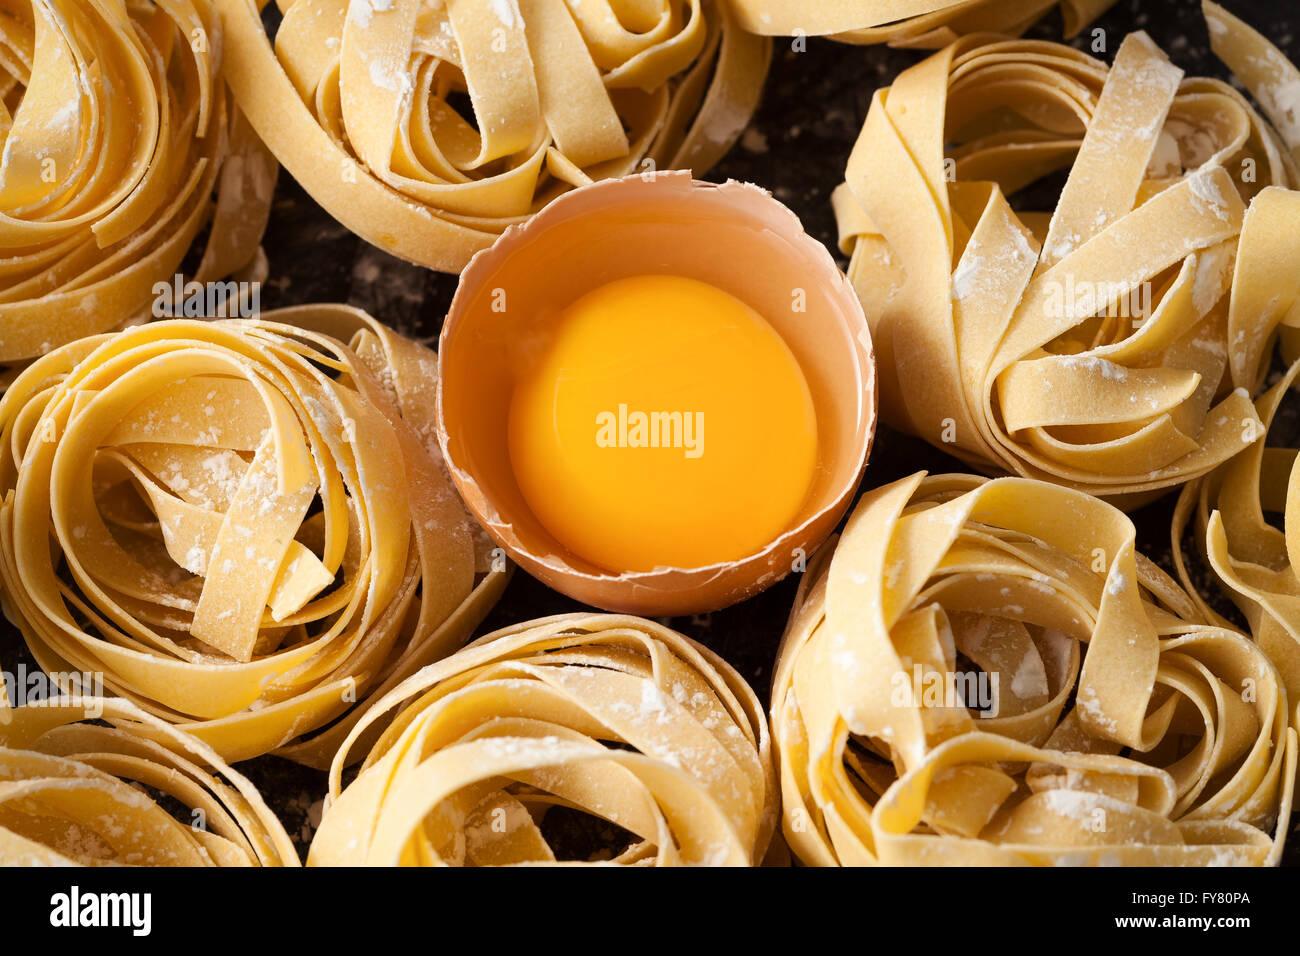 Fettuccine cibo italiano ancora vita rustica laici piatto sfondo nero tagliatelle alfredo tuorlo close up macro Immagini Stock